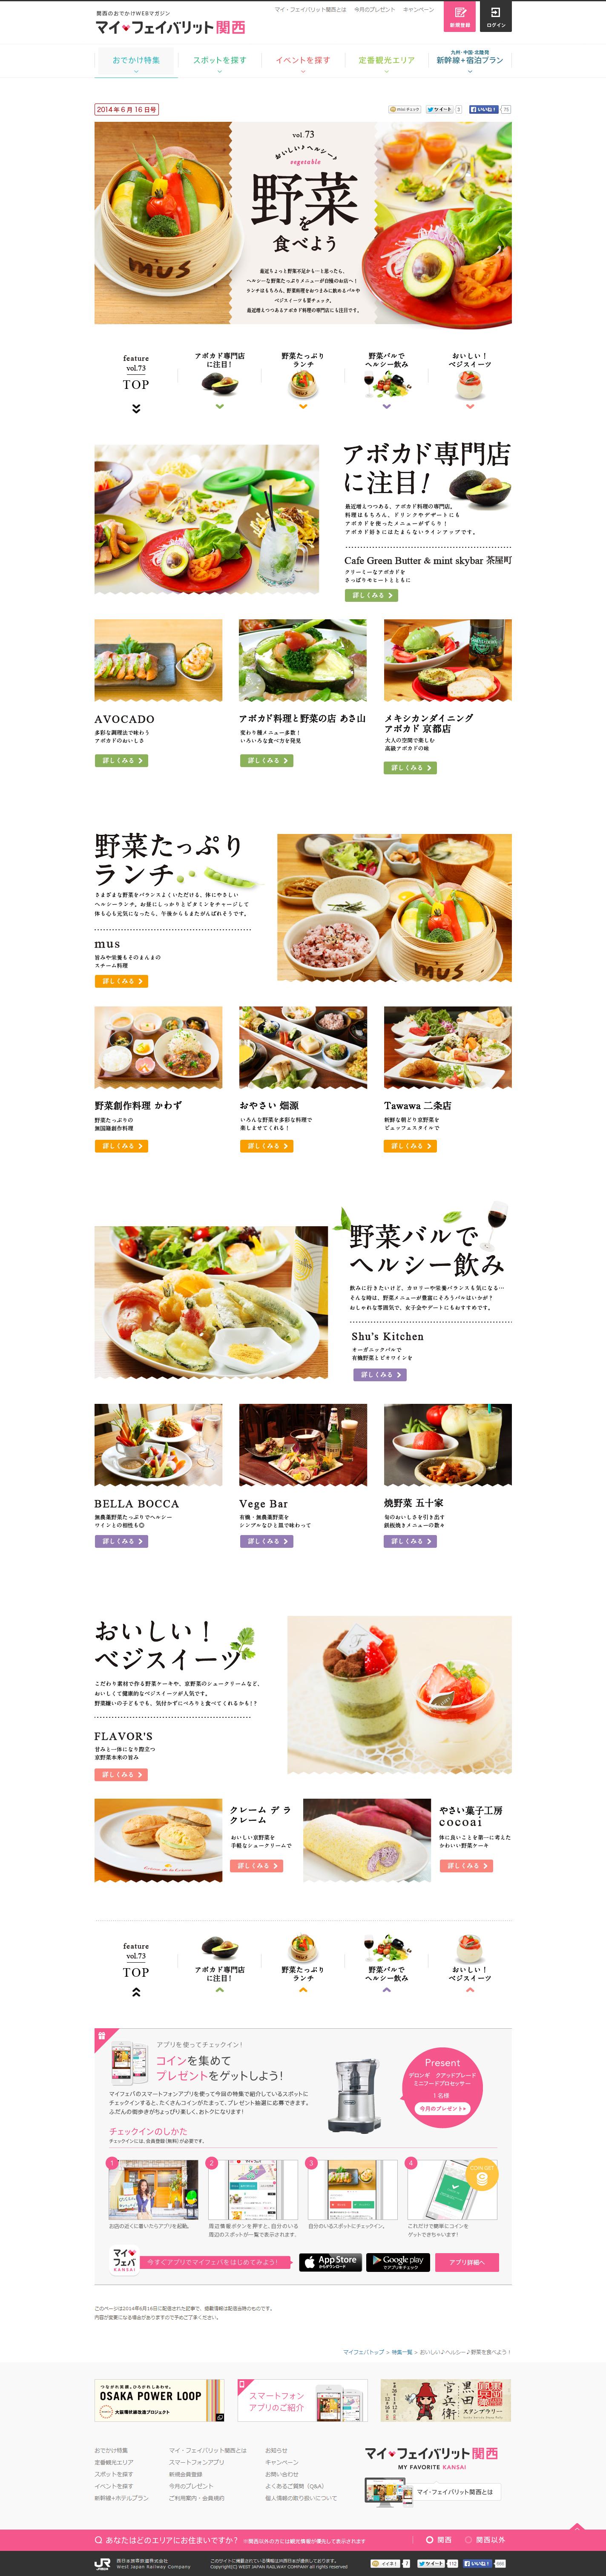 【特集Vol.73】おいしい♪ヘルシー♪野菜を食べよう!:マイ・フェイバリット関西.png